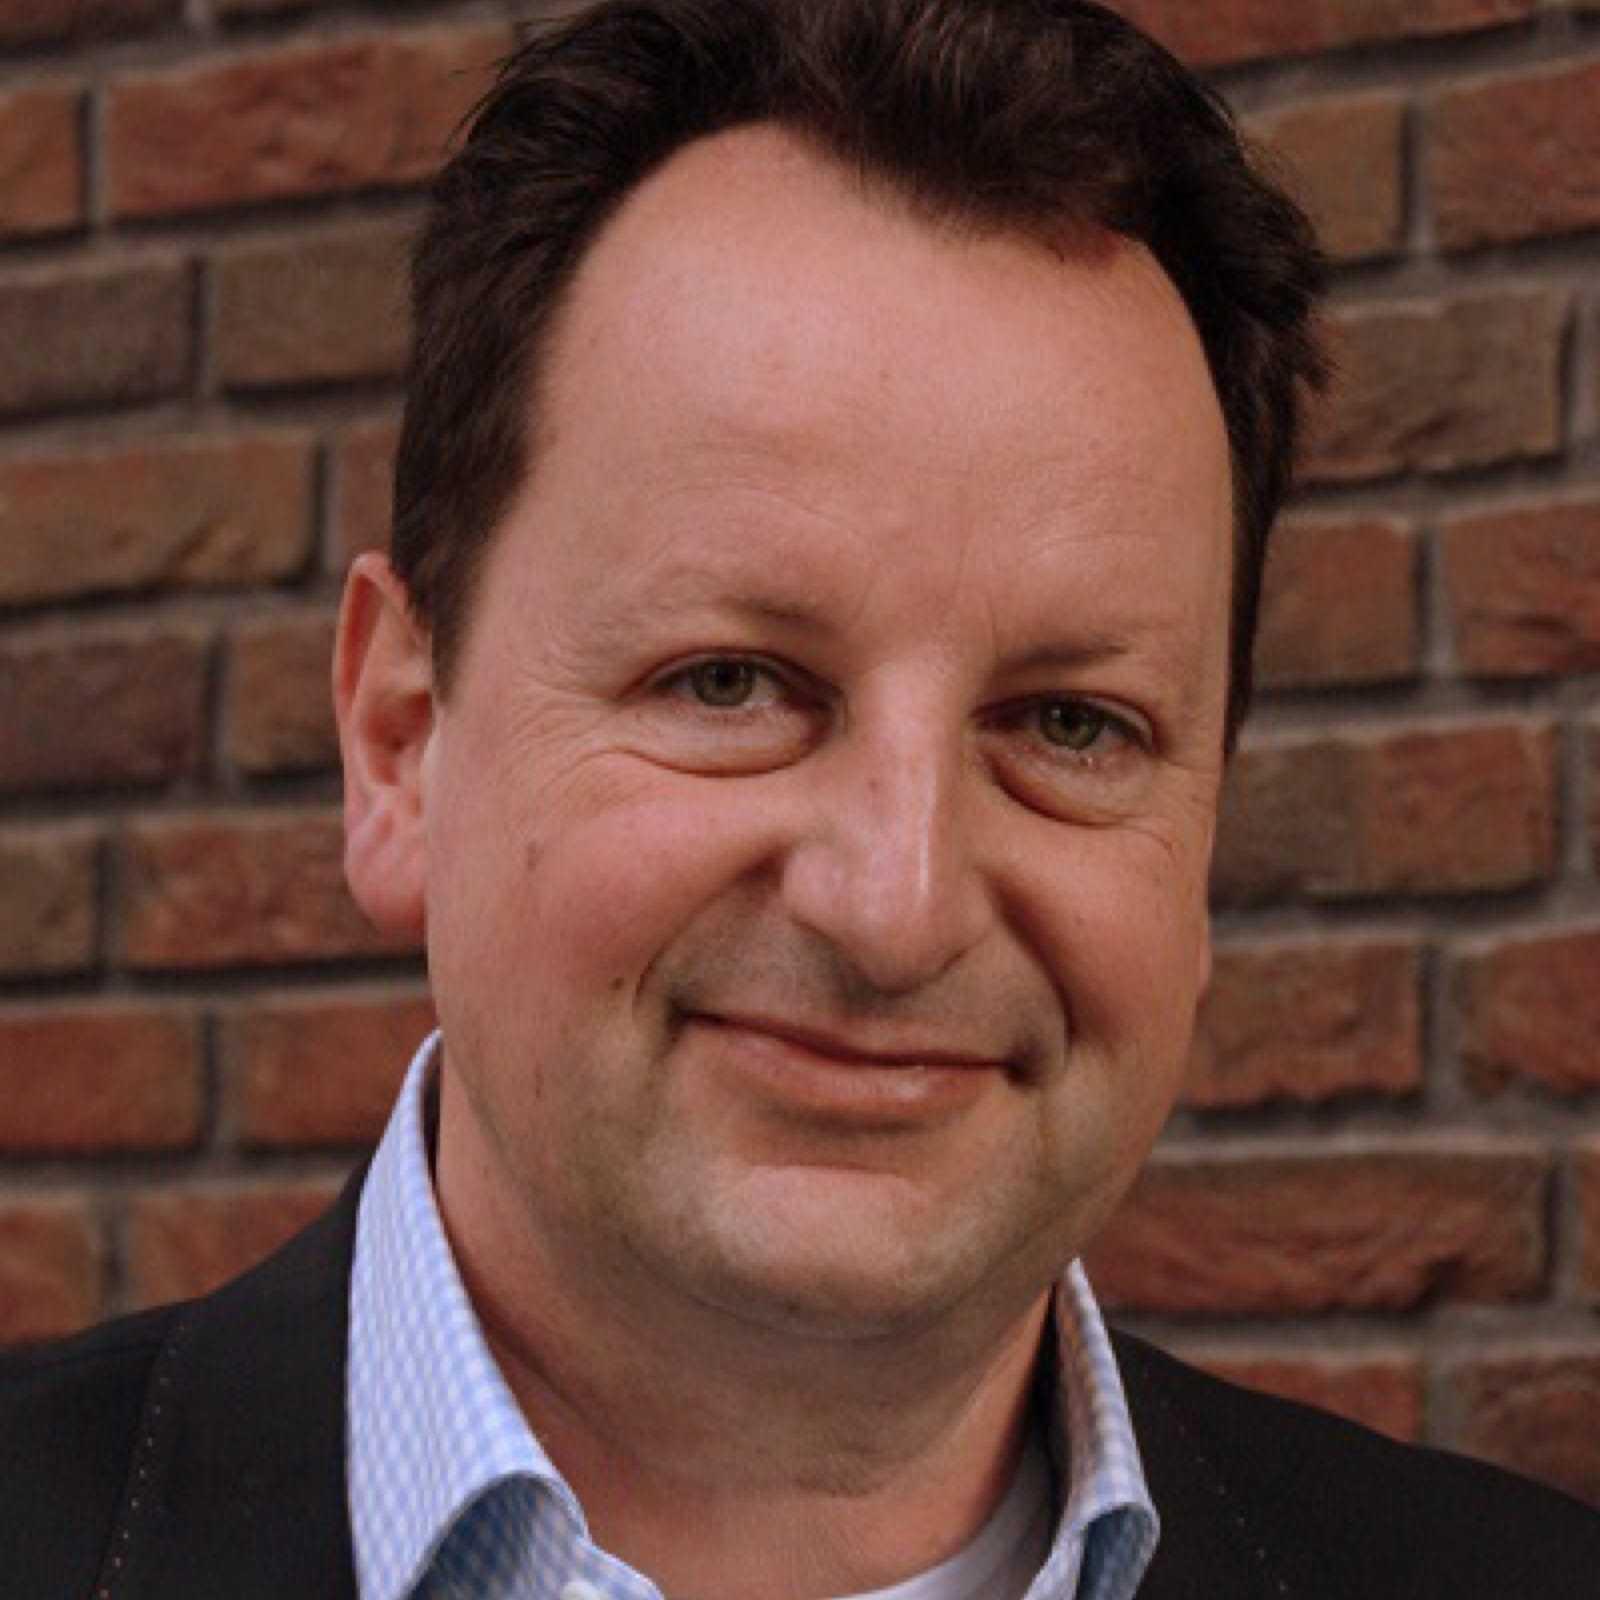 Joska Jonas - Boekhouder in Tilburg